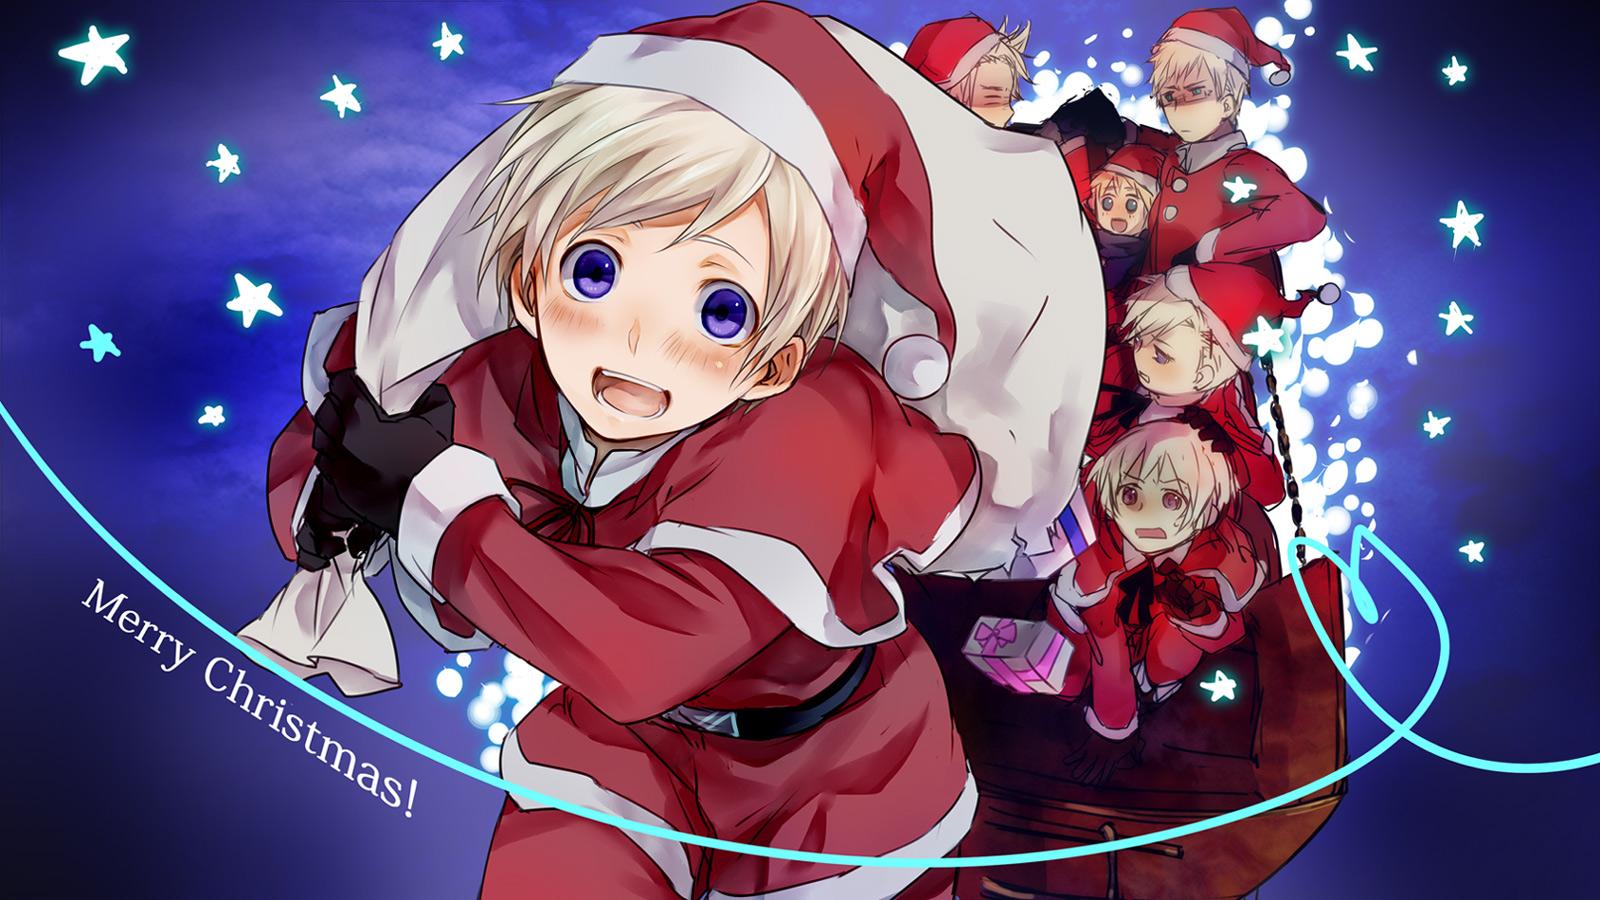 Cute Anime Girl Loli Cute Wallpapers Denmark Wallpaper Zerochan Anime Image Board